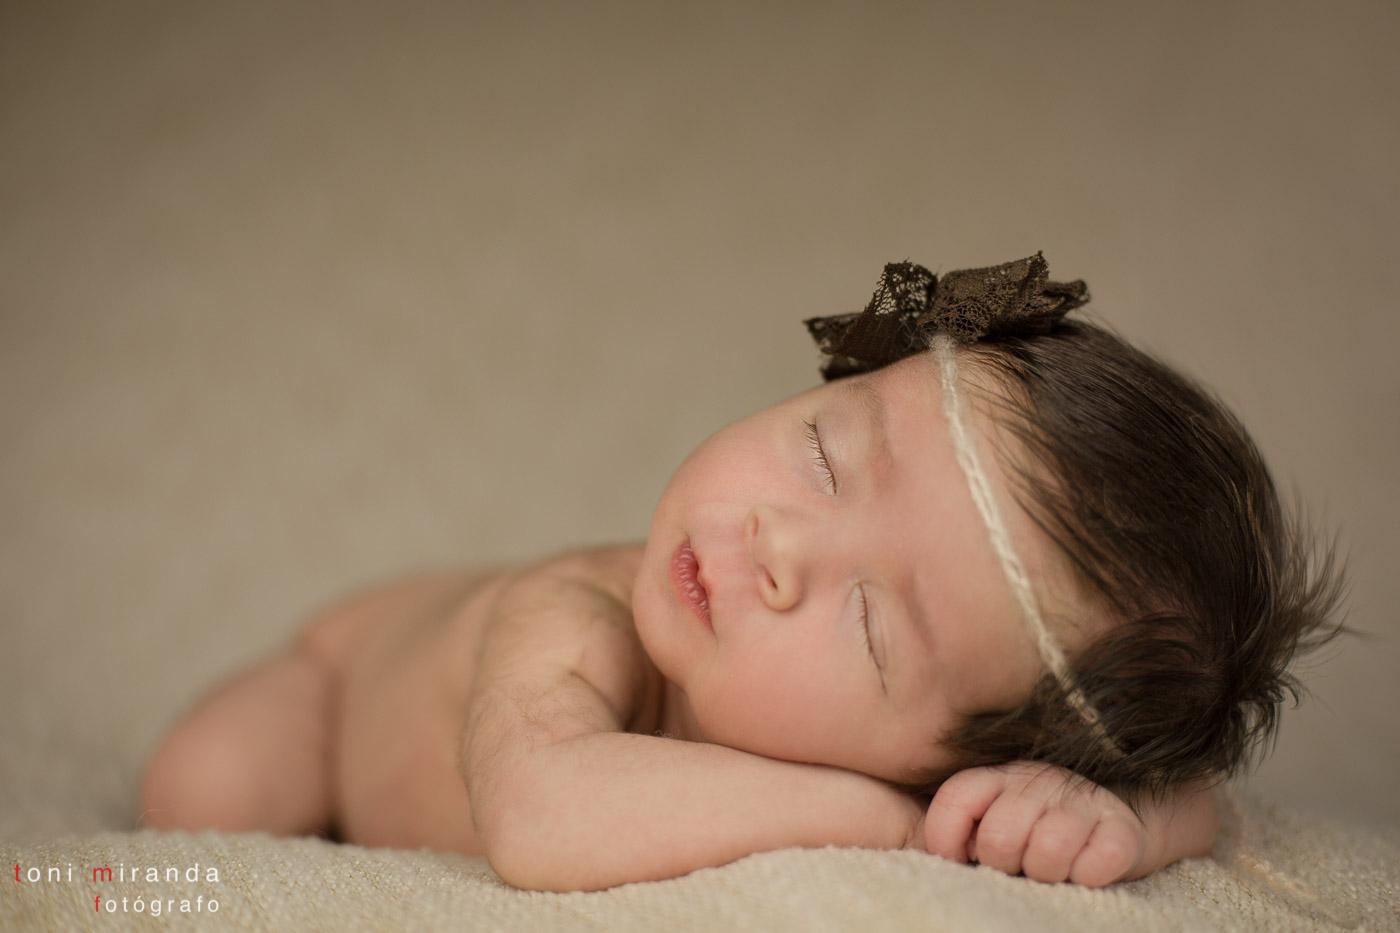 bebe recien nacido durmiendo en manta con lazo en la cabeza